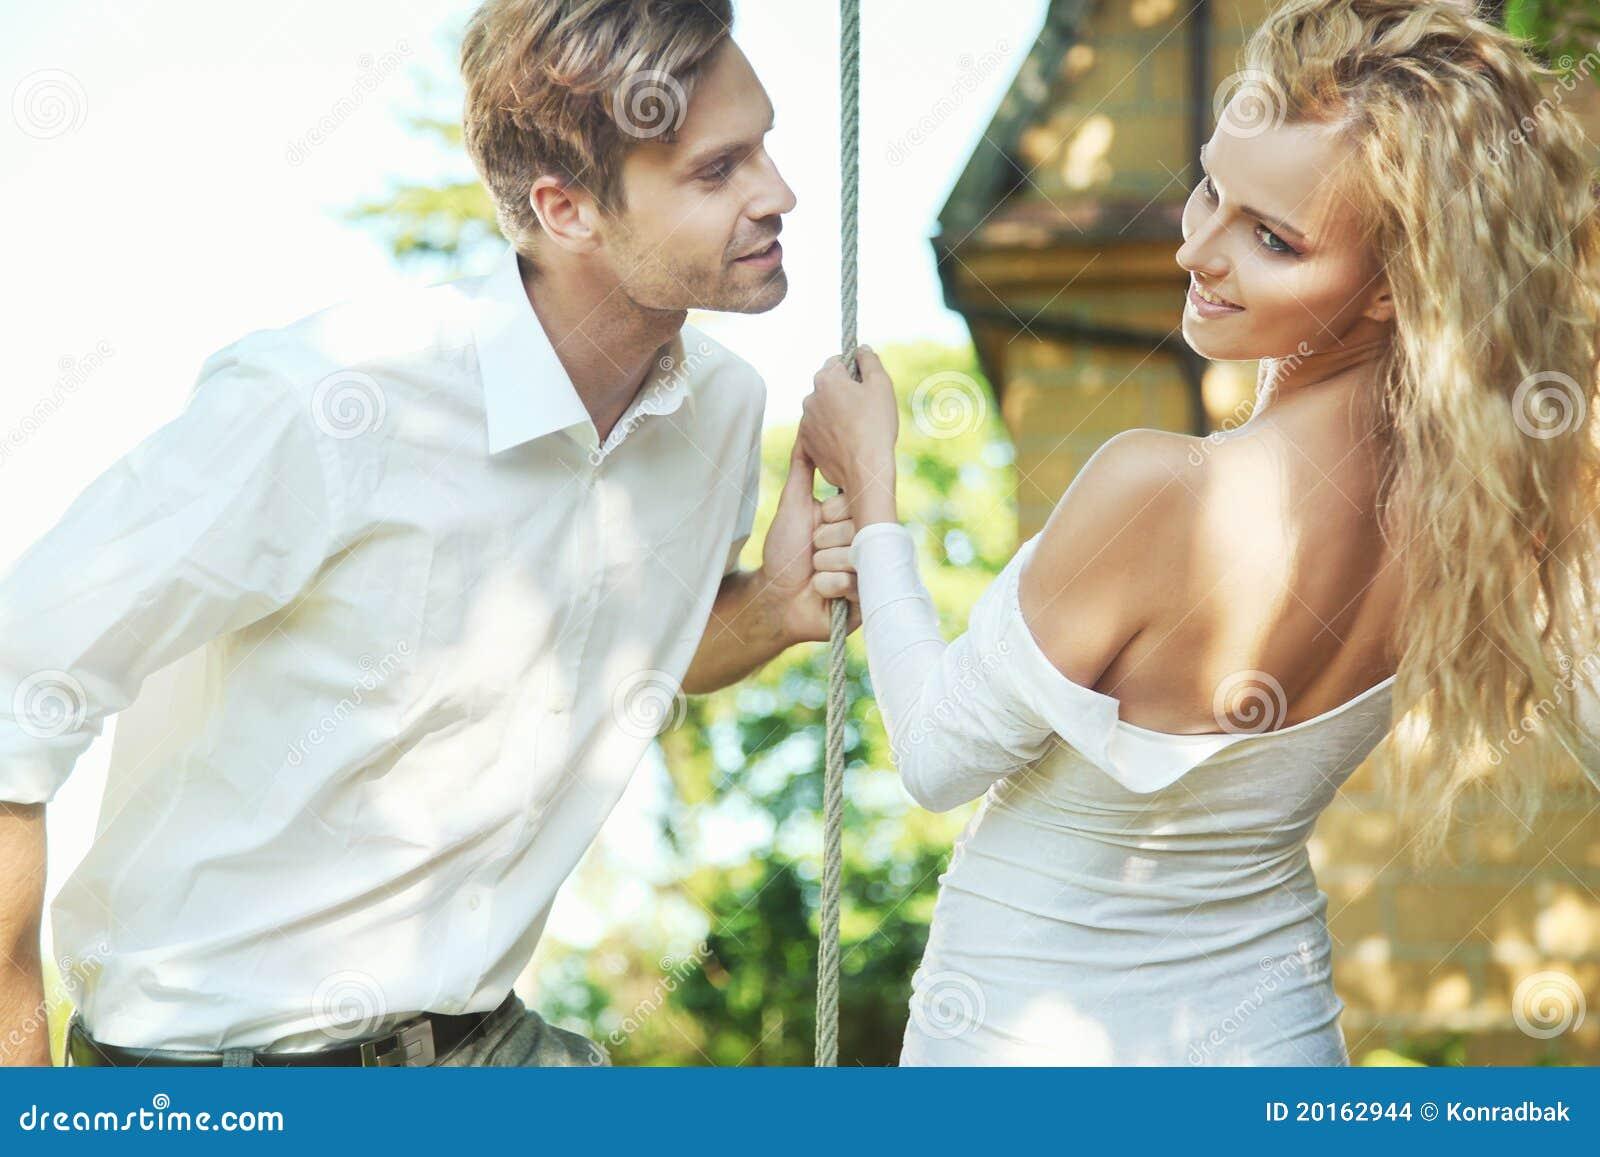 Отодрали жену друга пока тот спал смотреть — pic 4